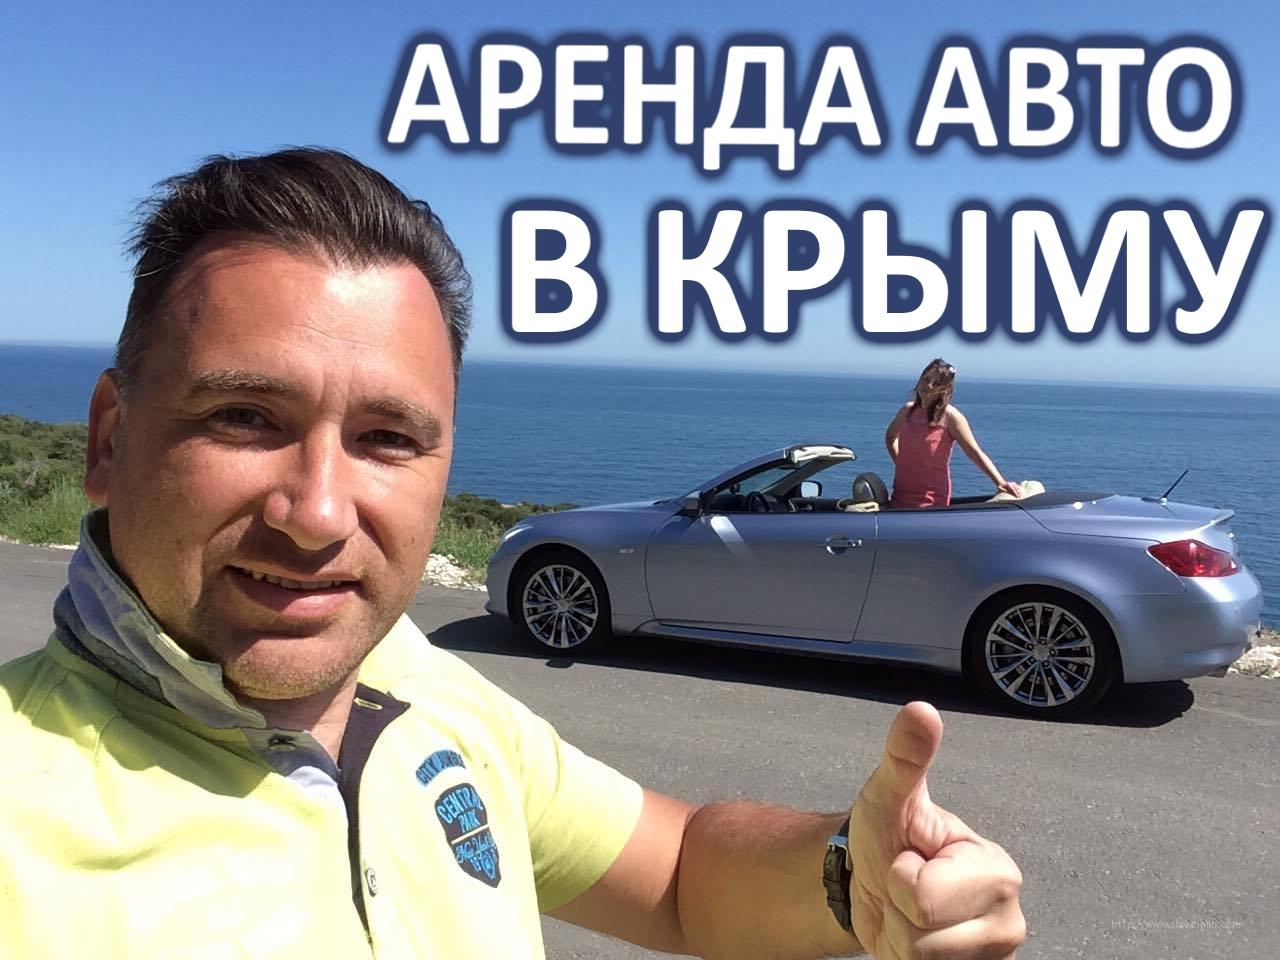 Аренда авто в Крыму + СЕКРЕТ как сделать отдых незабываемым!